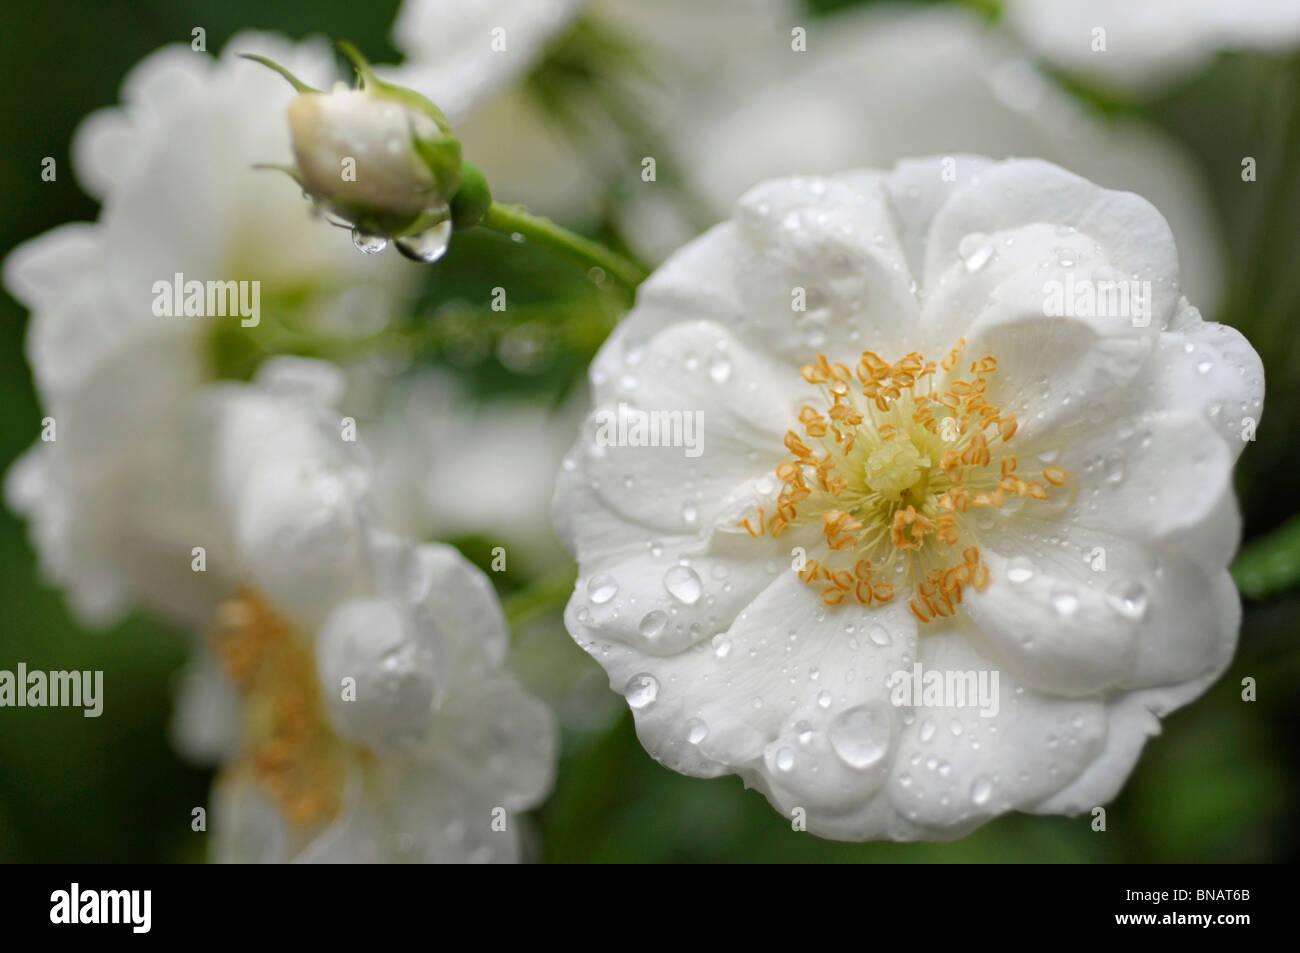 White 'Vigorosa' (Vigorous) Roses - Stock Image